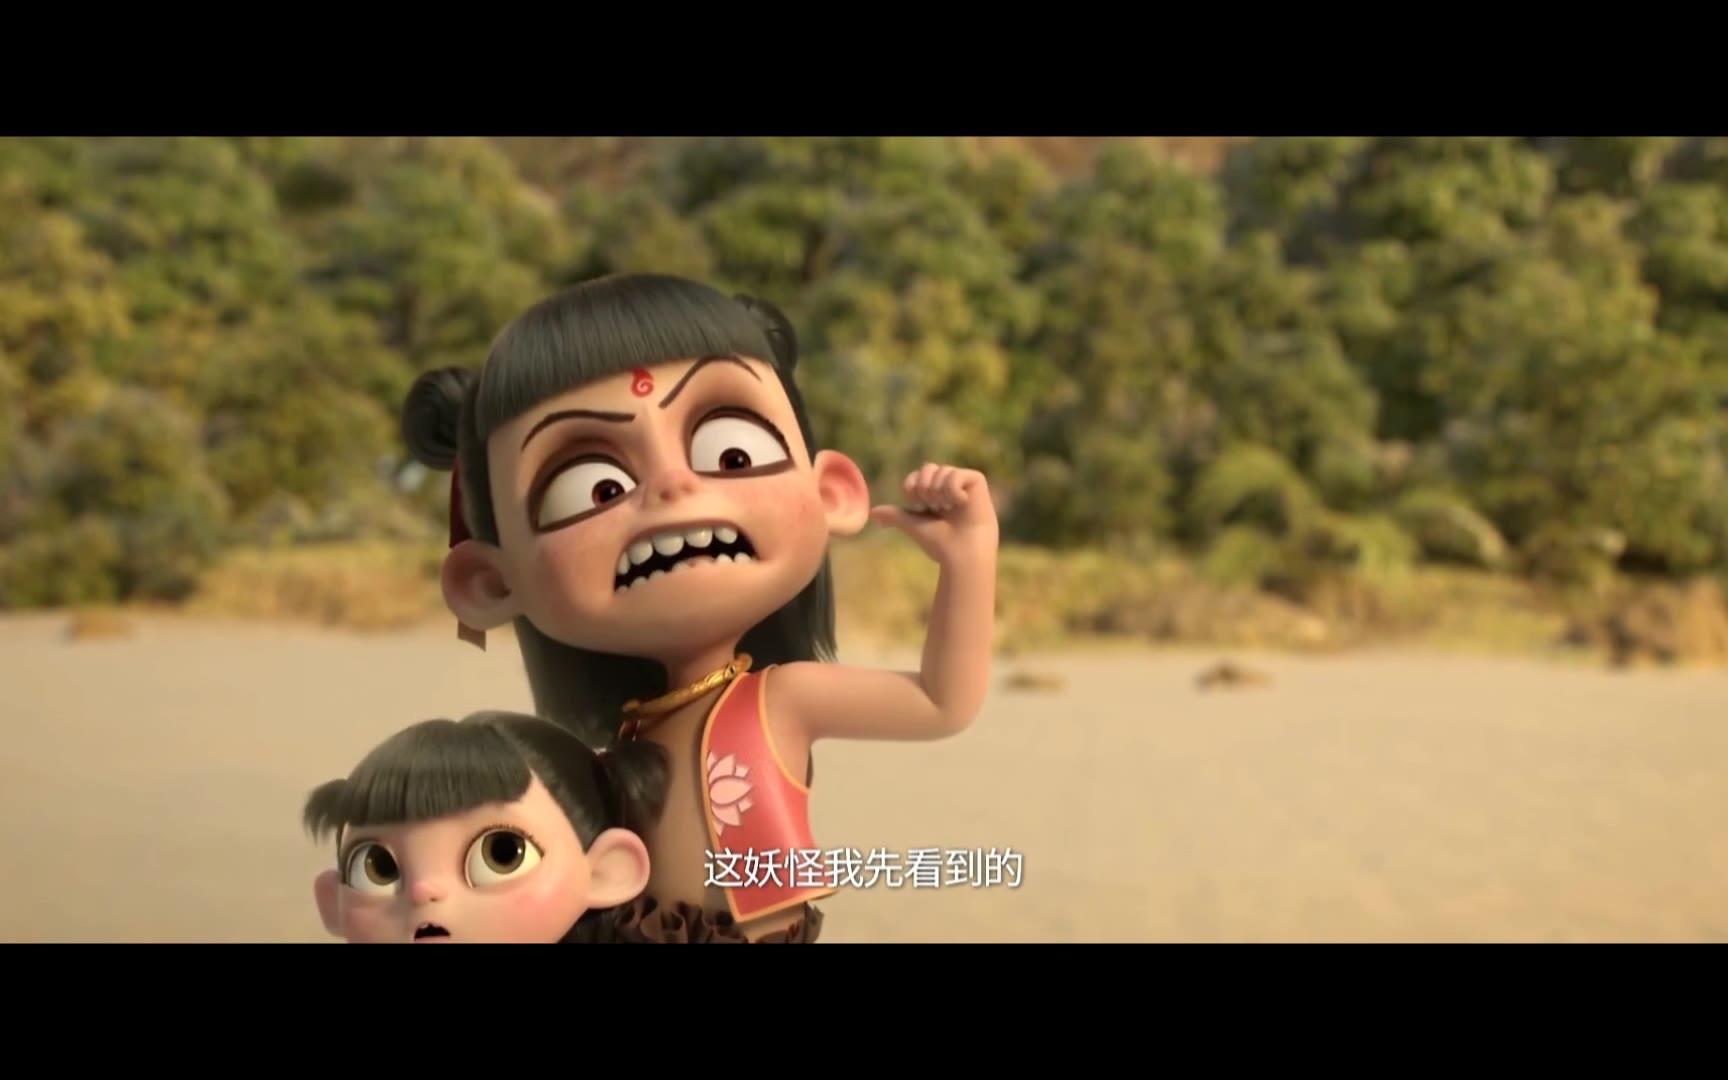 国外动画师哪吒打斗动画镜头分享